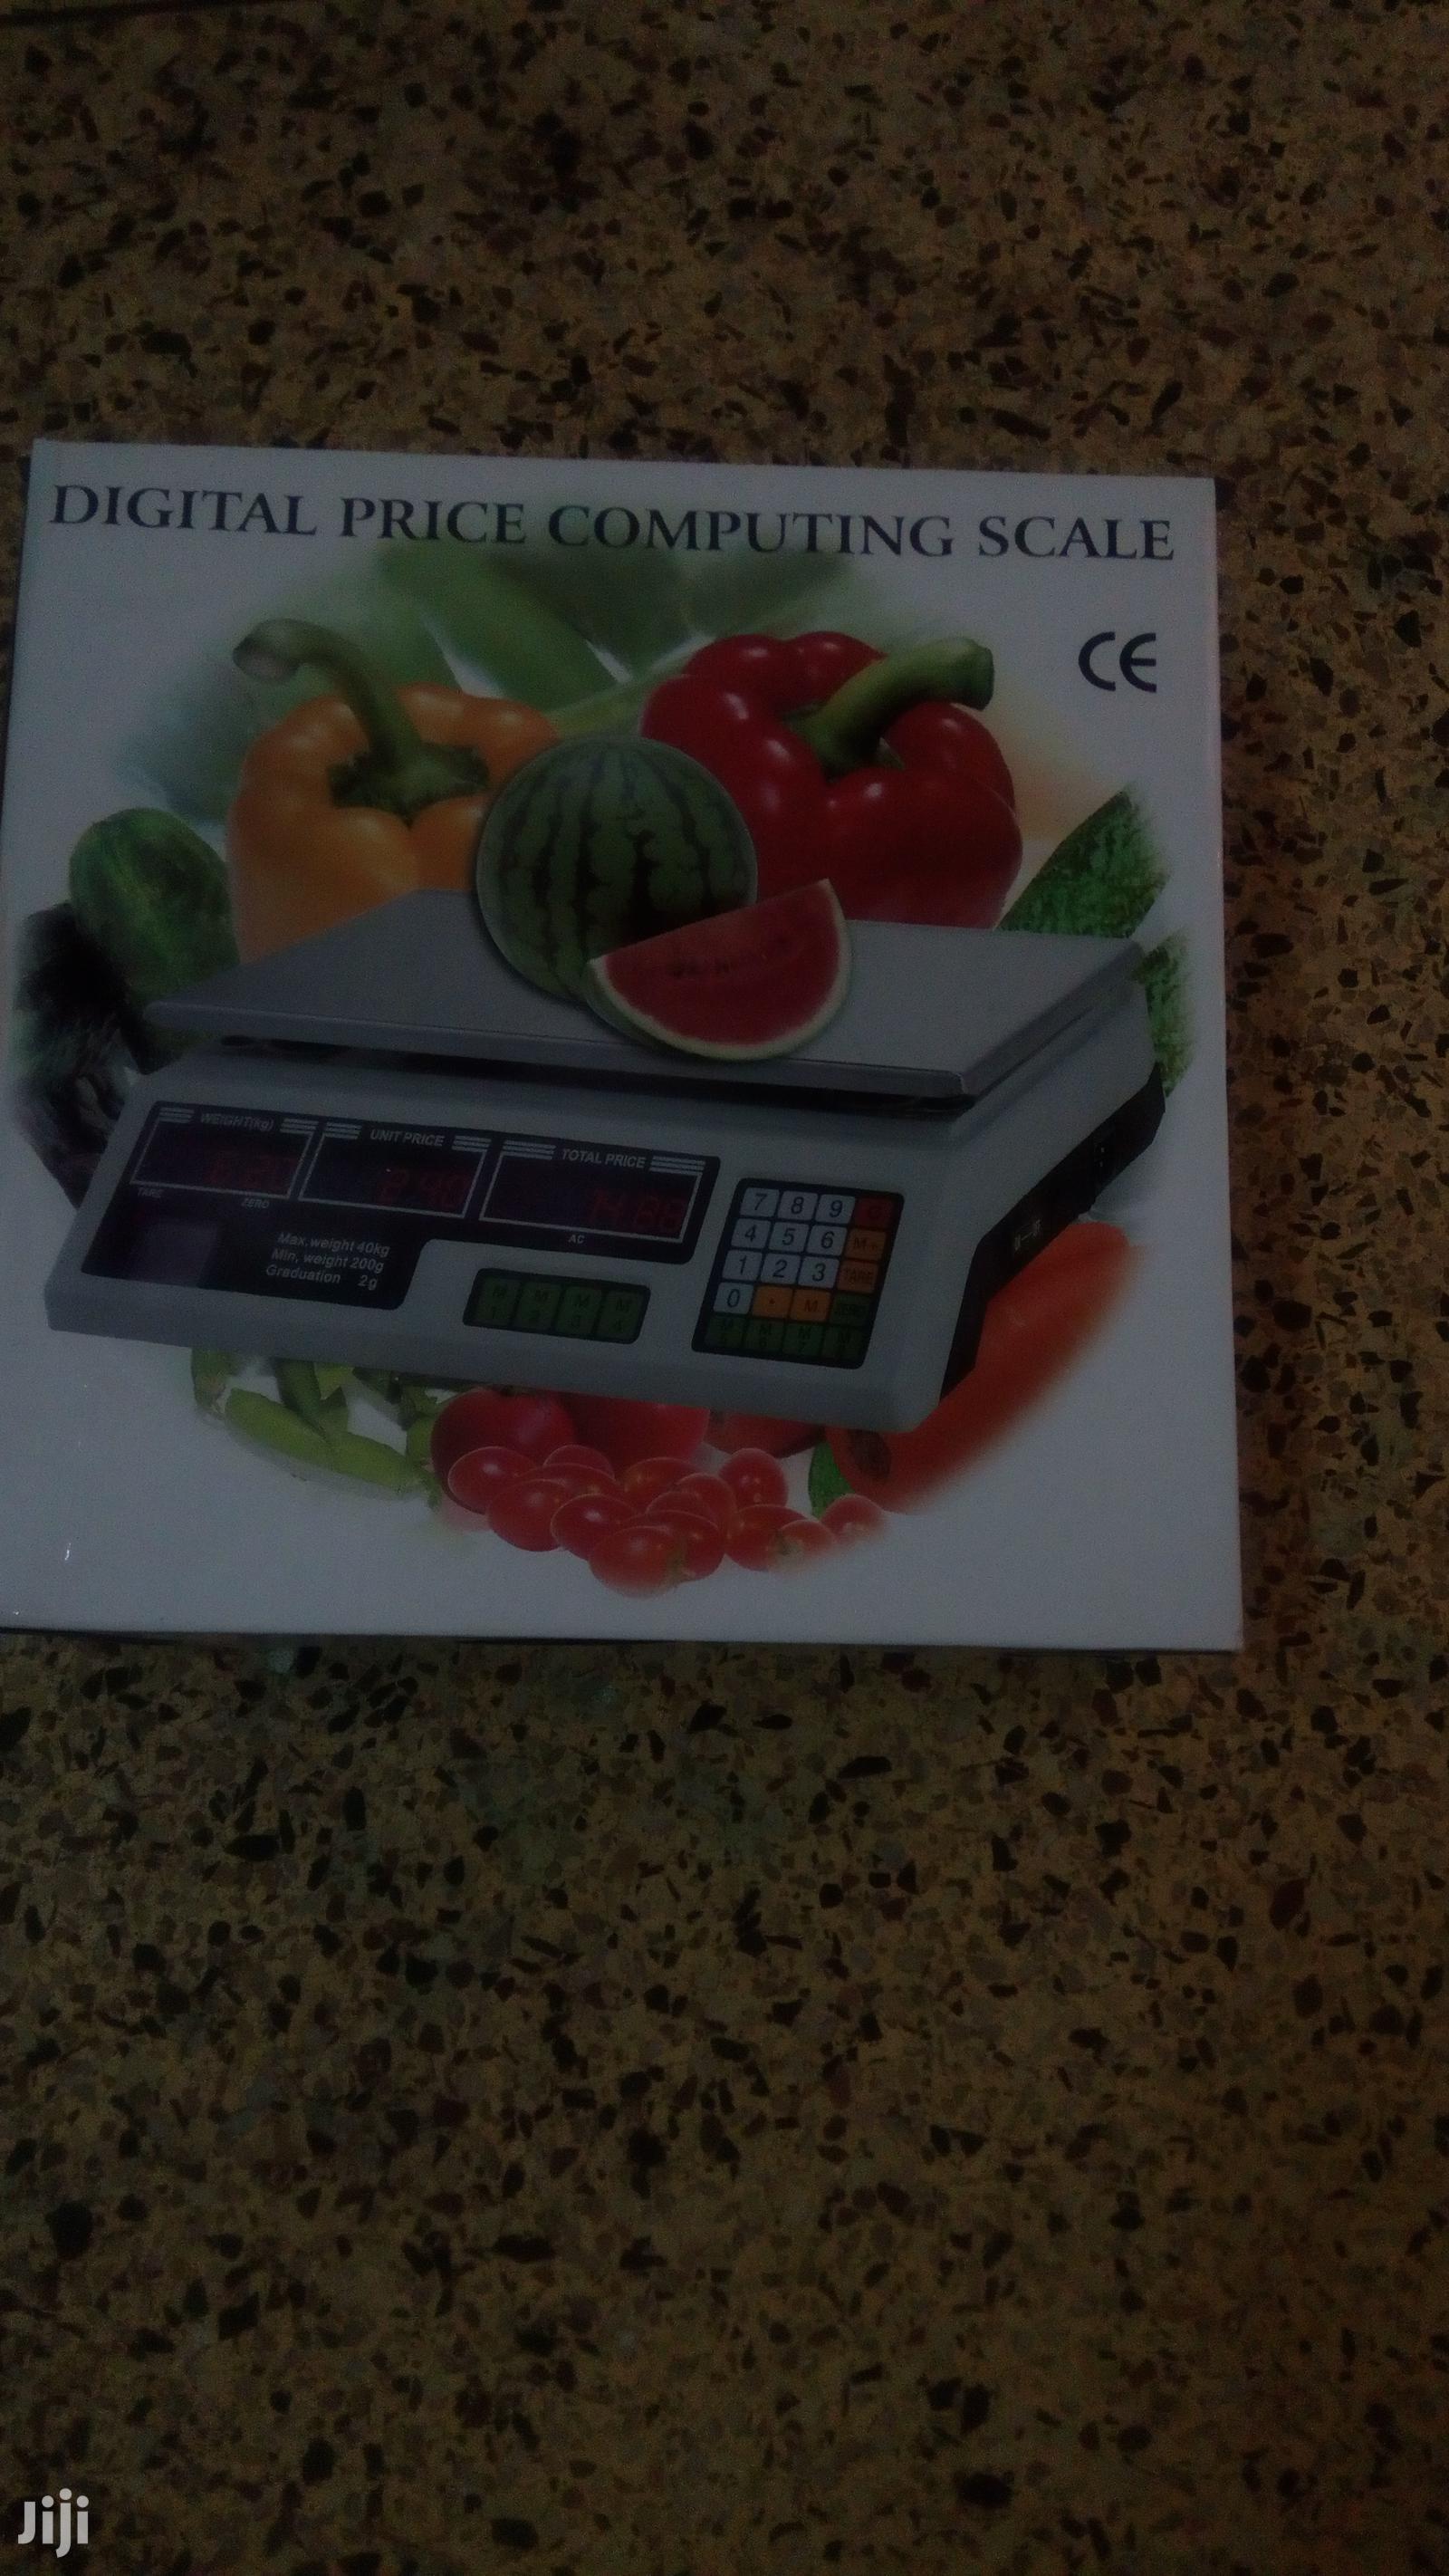 Digital Weighing Scale | Store Equipment for sale in Thika, Kiambu, Kenya